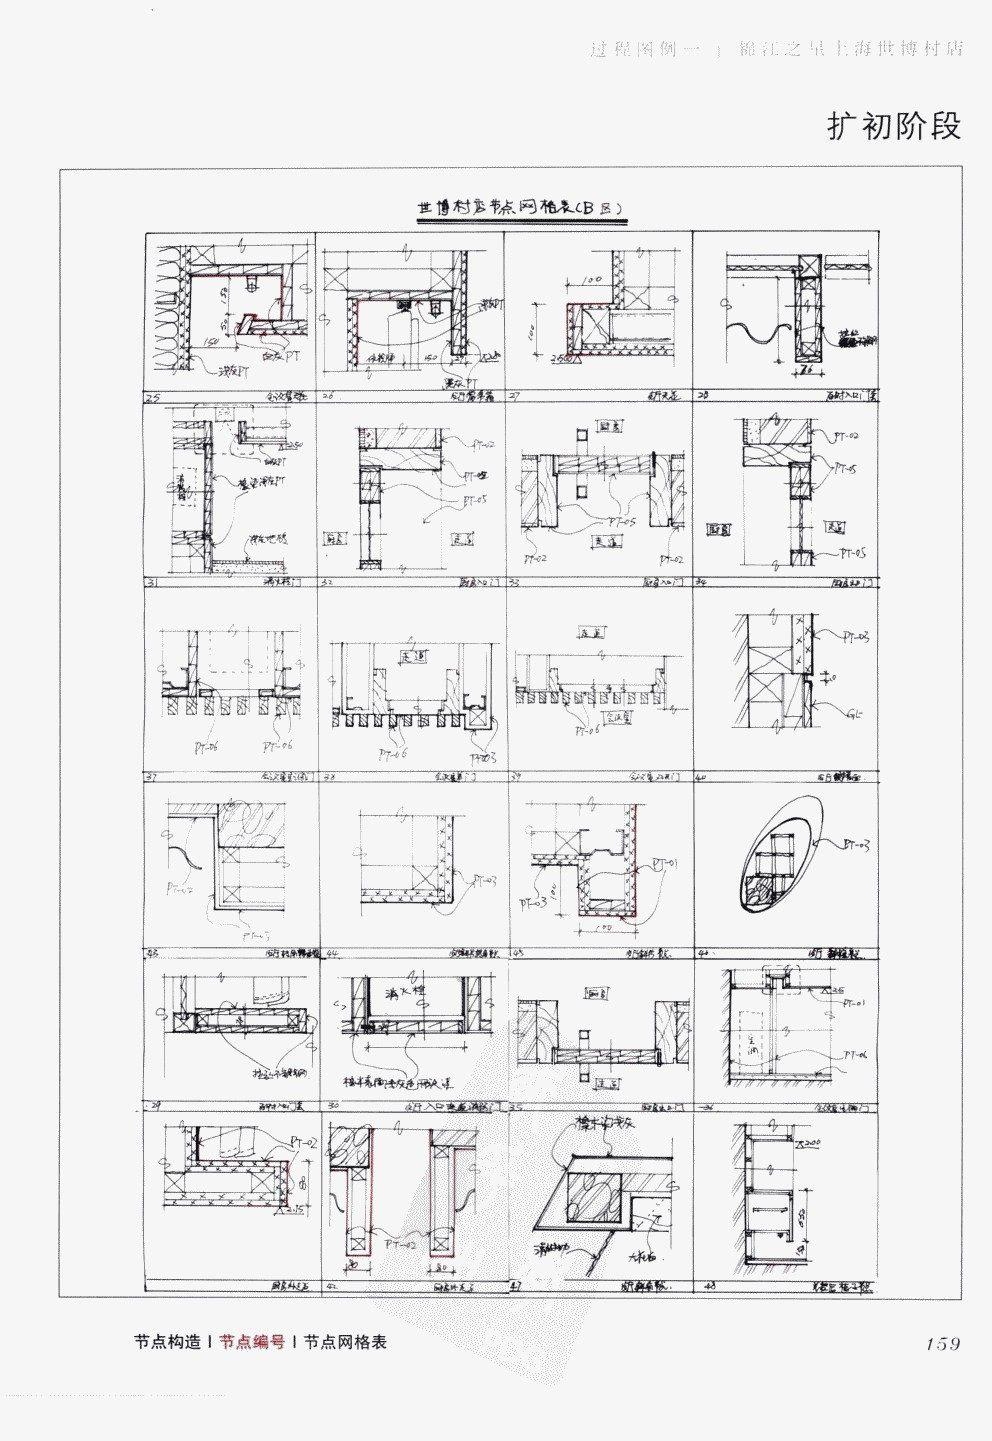 室内设计纲要++概念思考与过程表达_室内设计纲要  概念思考与过程表达_1297982..._页面_167.jpg